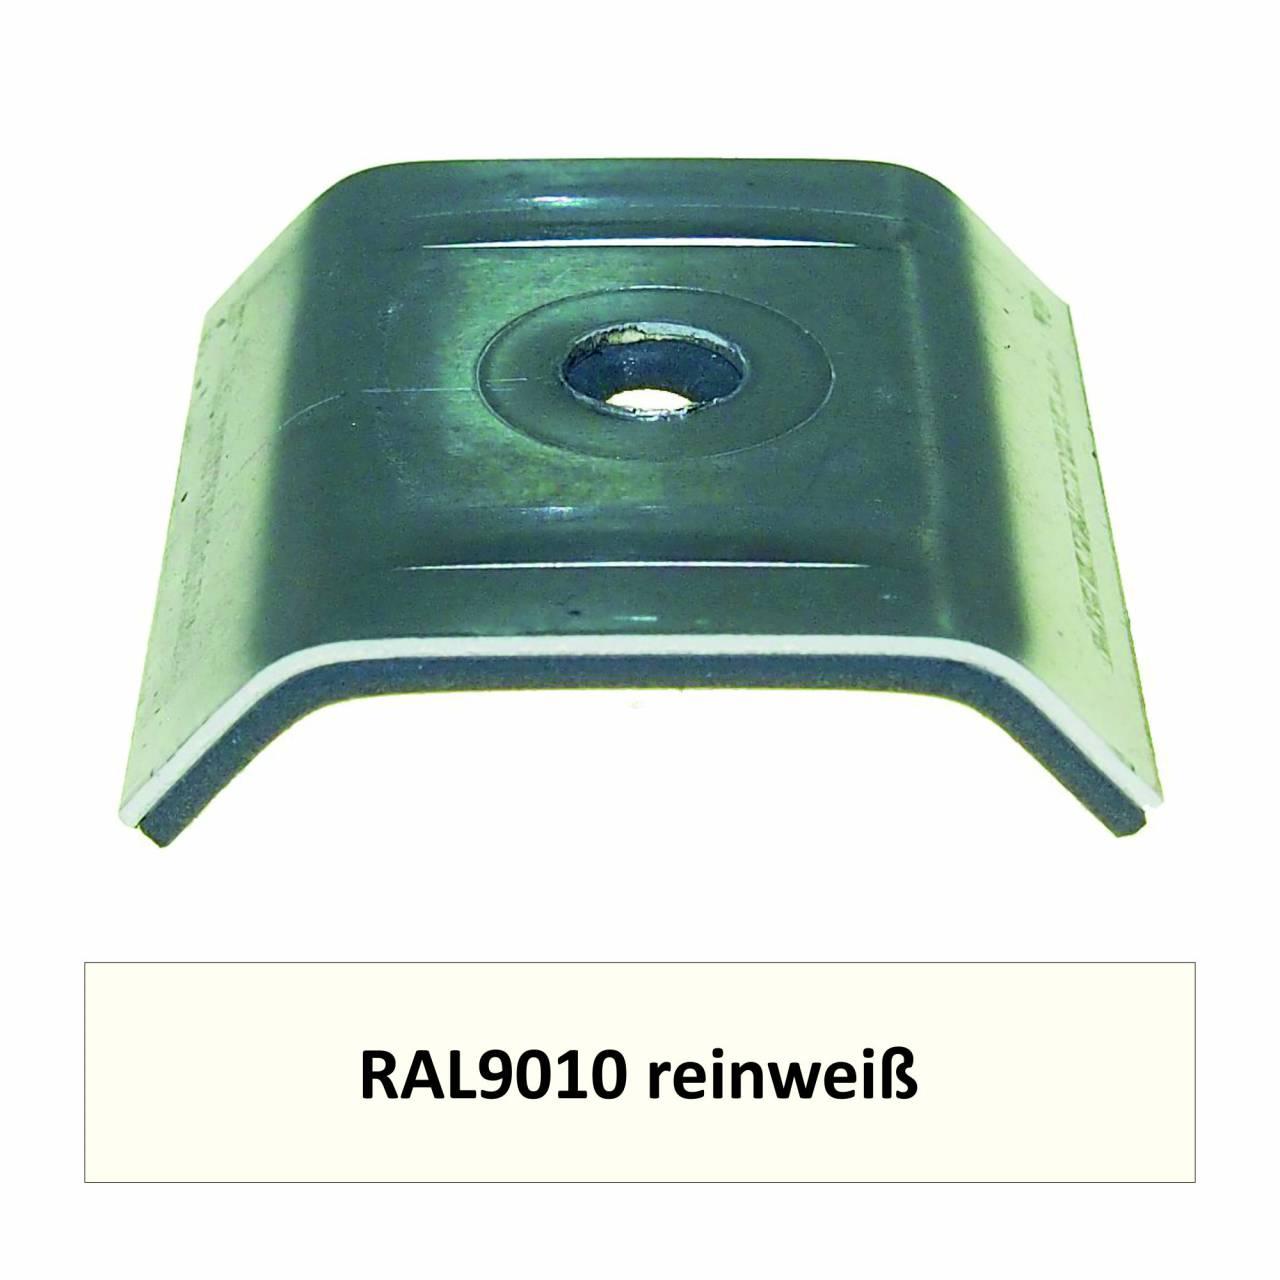 Kalotten für 39/333, Alu RAL9010 reinweiß / Pck a 100 Stück